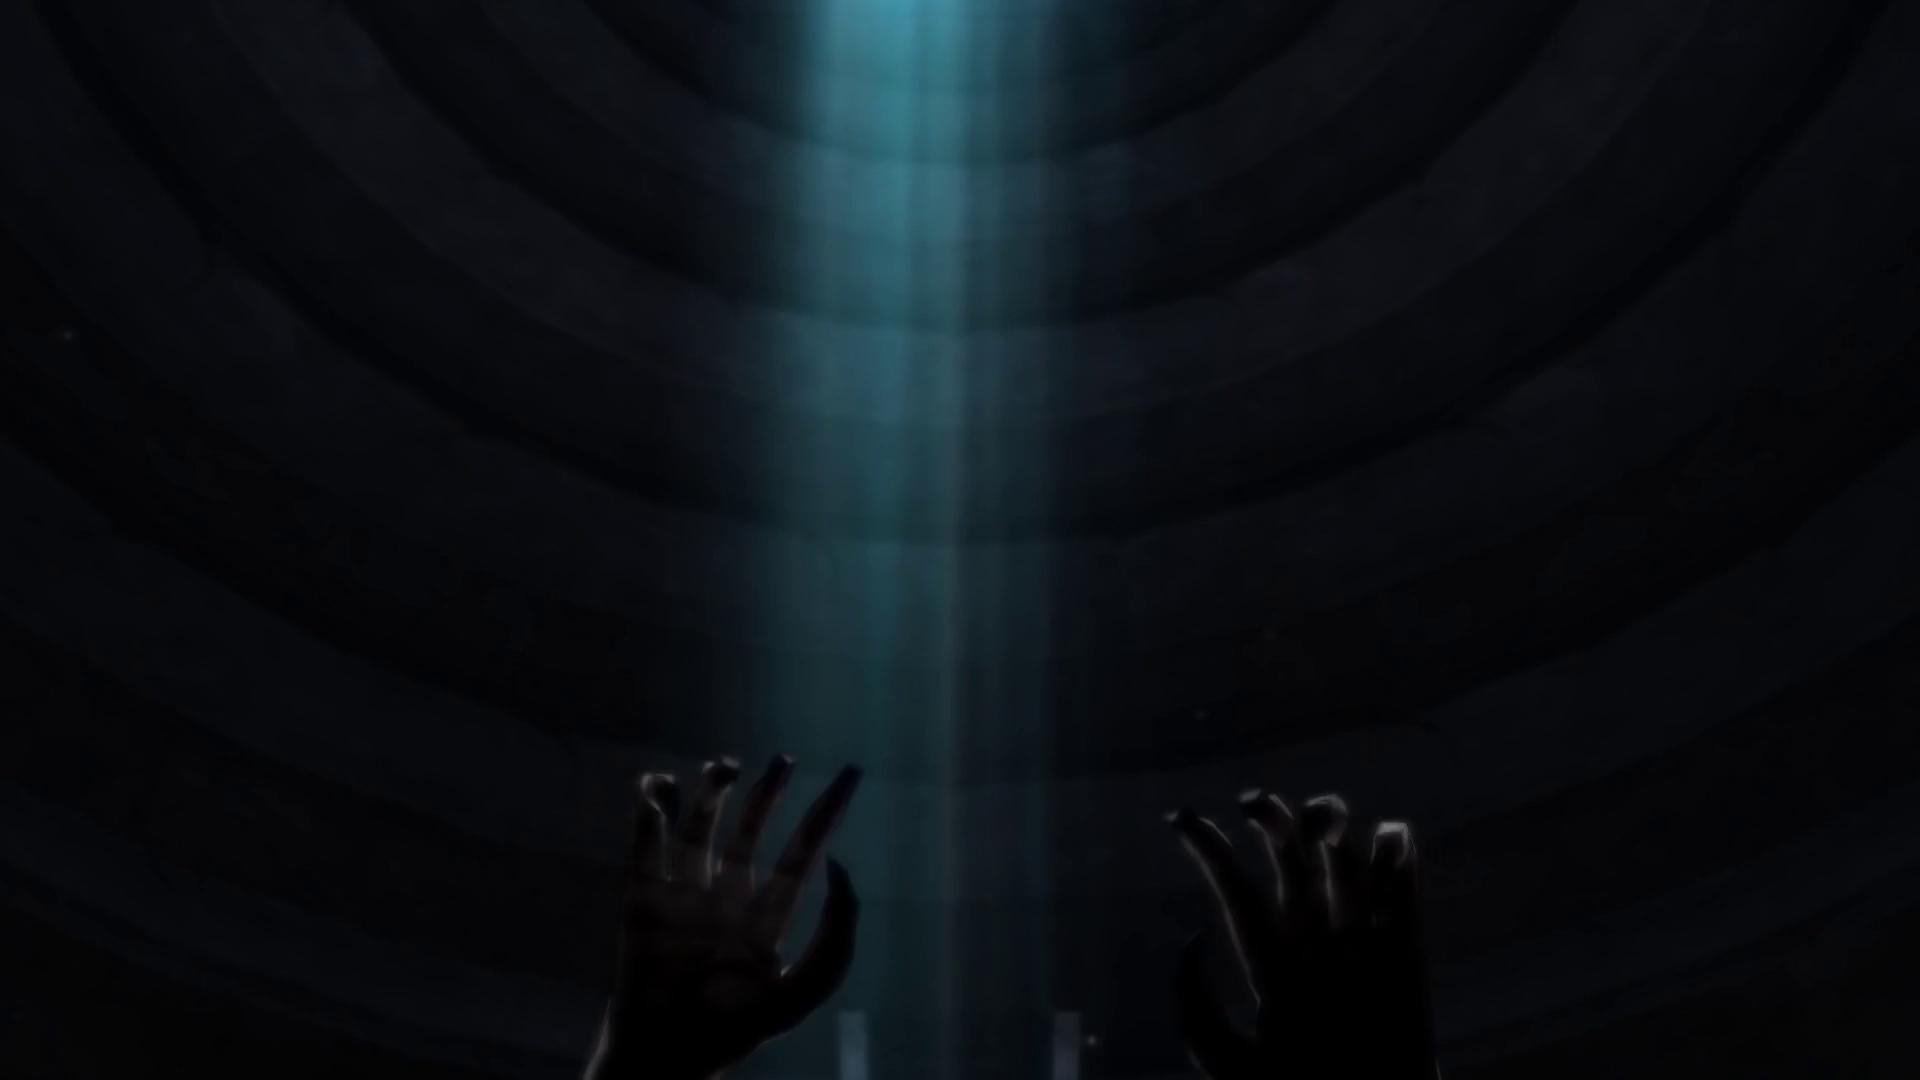 Sau gần 1 tháng lý cố, thêm một game dùng Denuvo đã bị crack thành công - ảnh 3